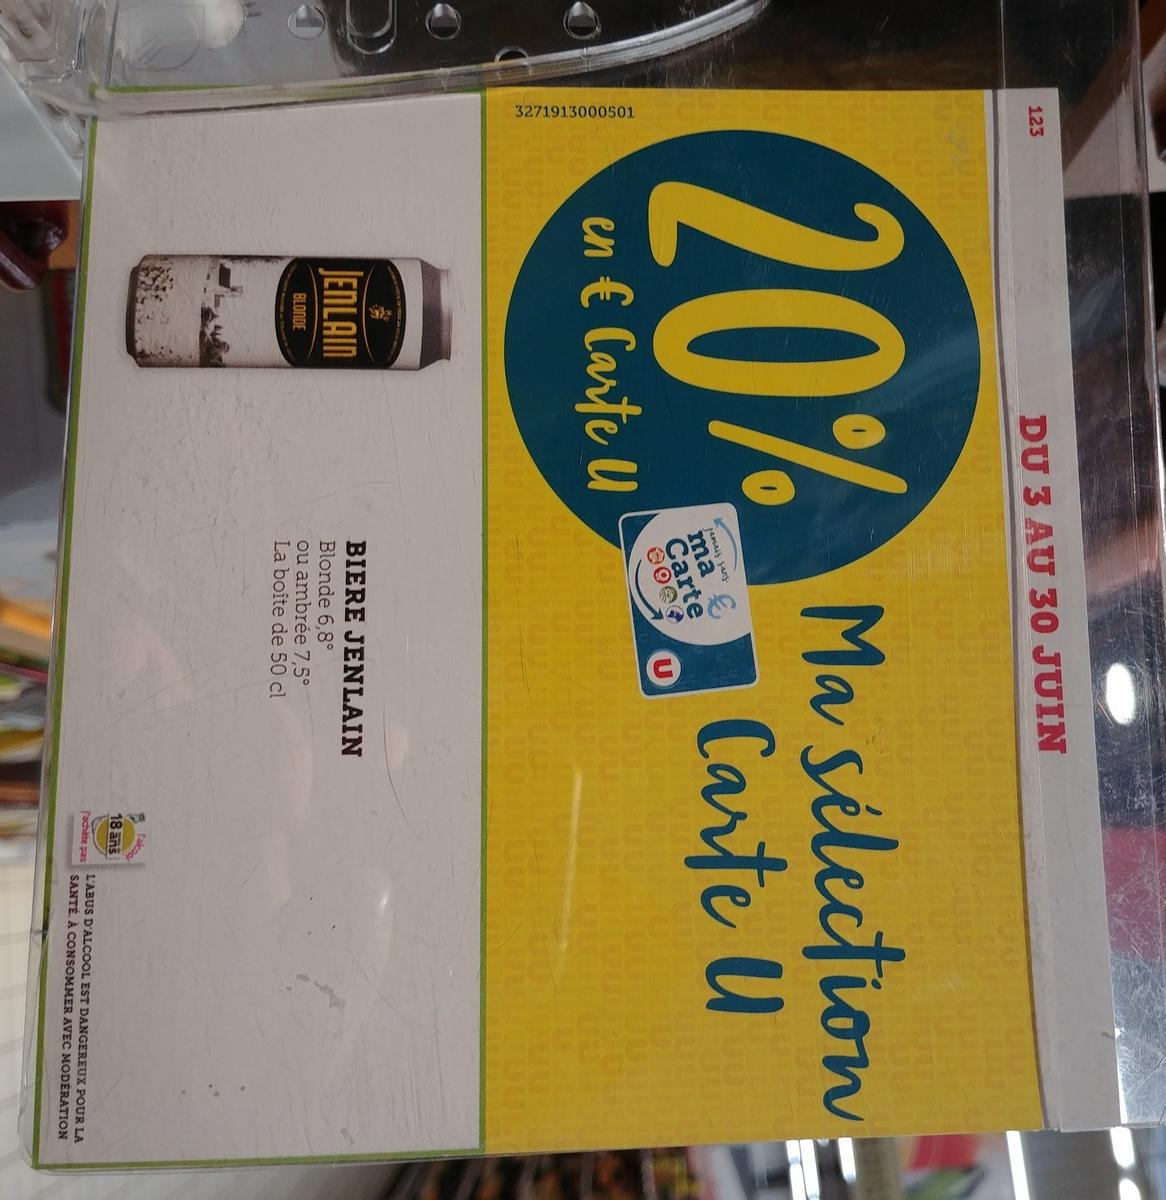 Bière blonde Jeanlaim - 50cl (via 0.26€ sur la carte fidélité) - Bihorel (76)